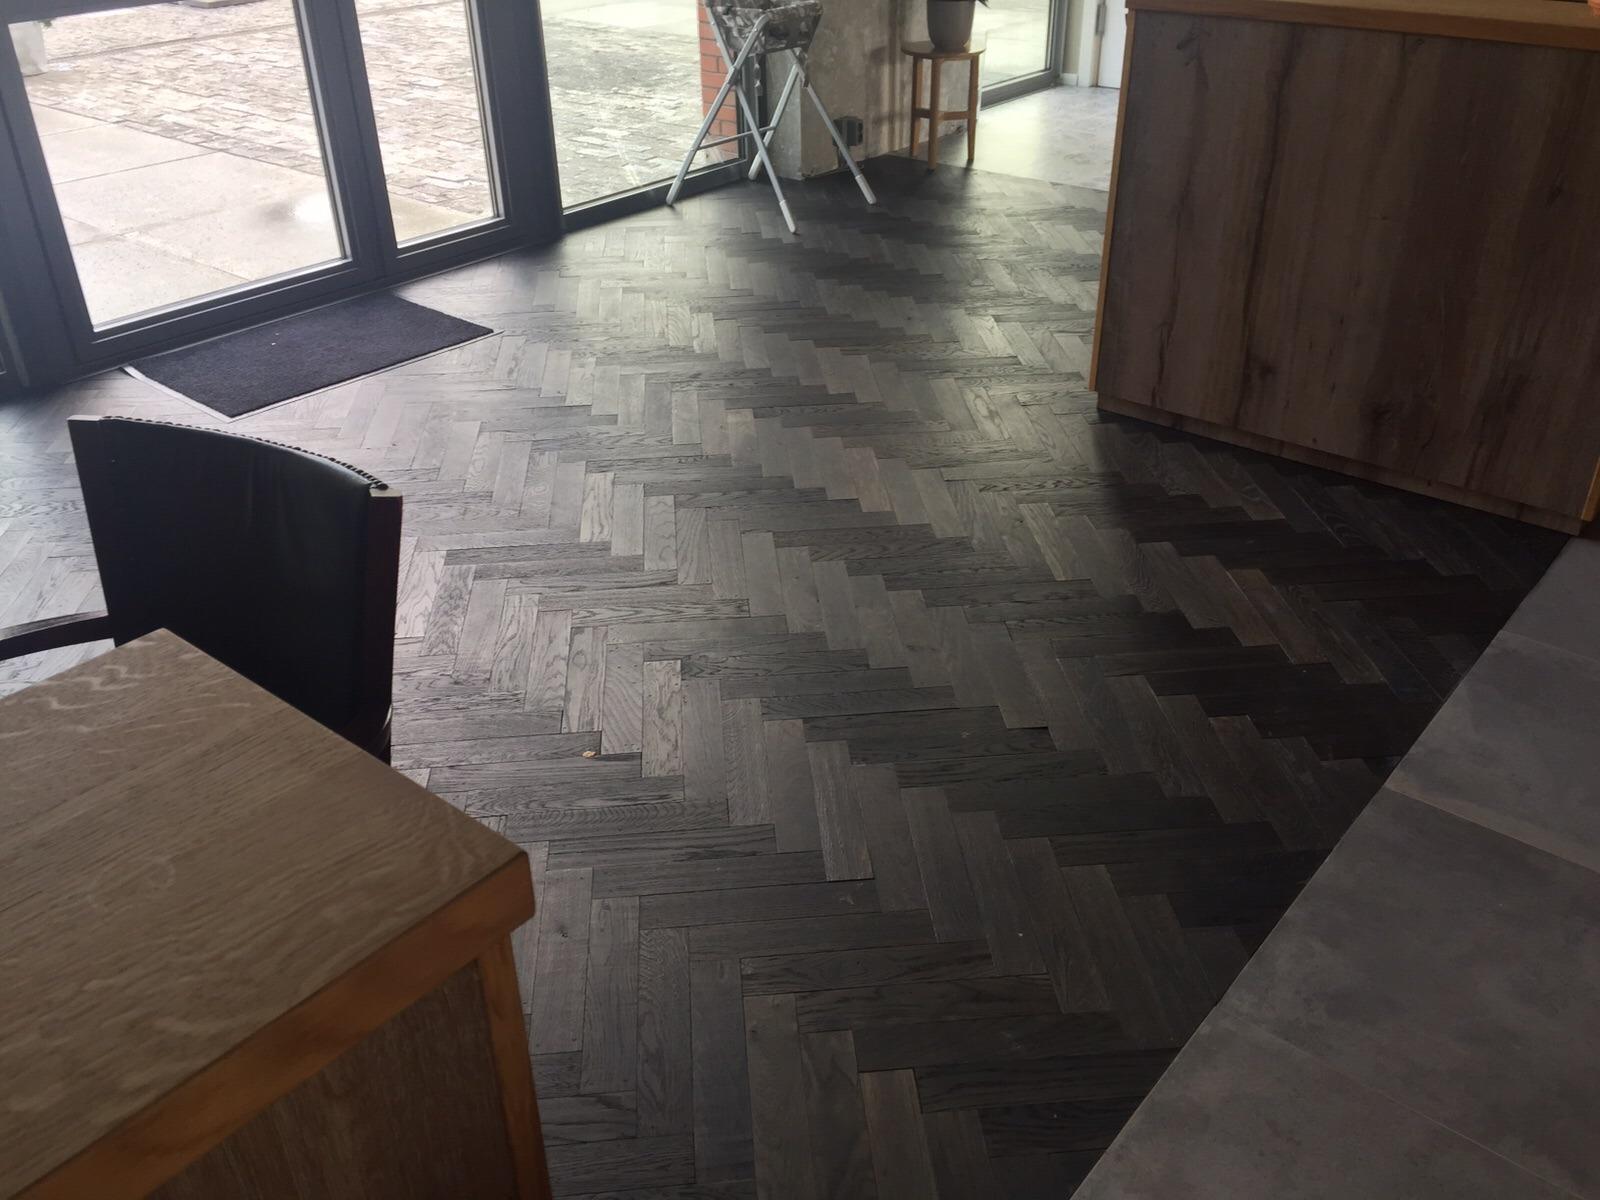 Houten vloer keuken better vloer visgraat great houten vloer